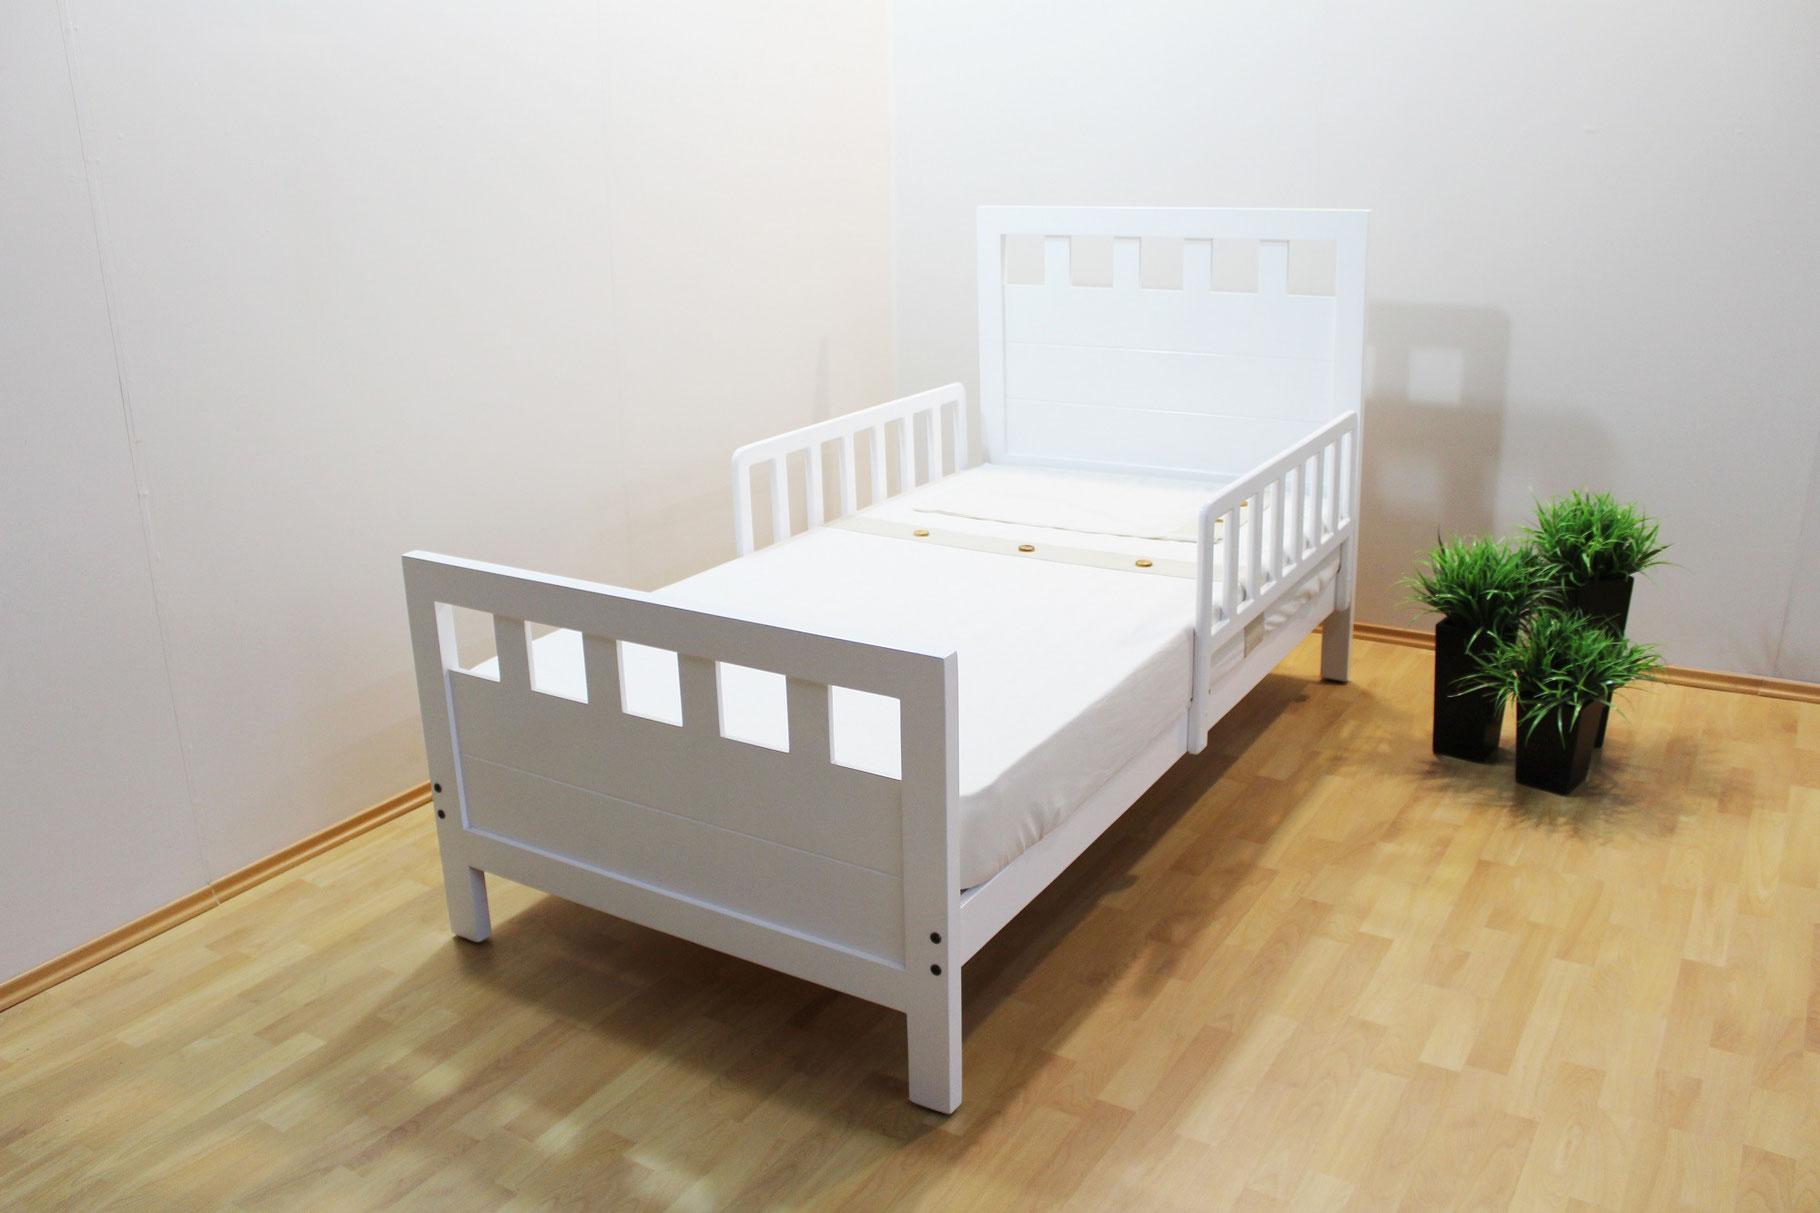 Camas Infantiles 80 X 150 Con Barandales Muebles Gm Muebles De